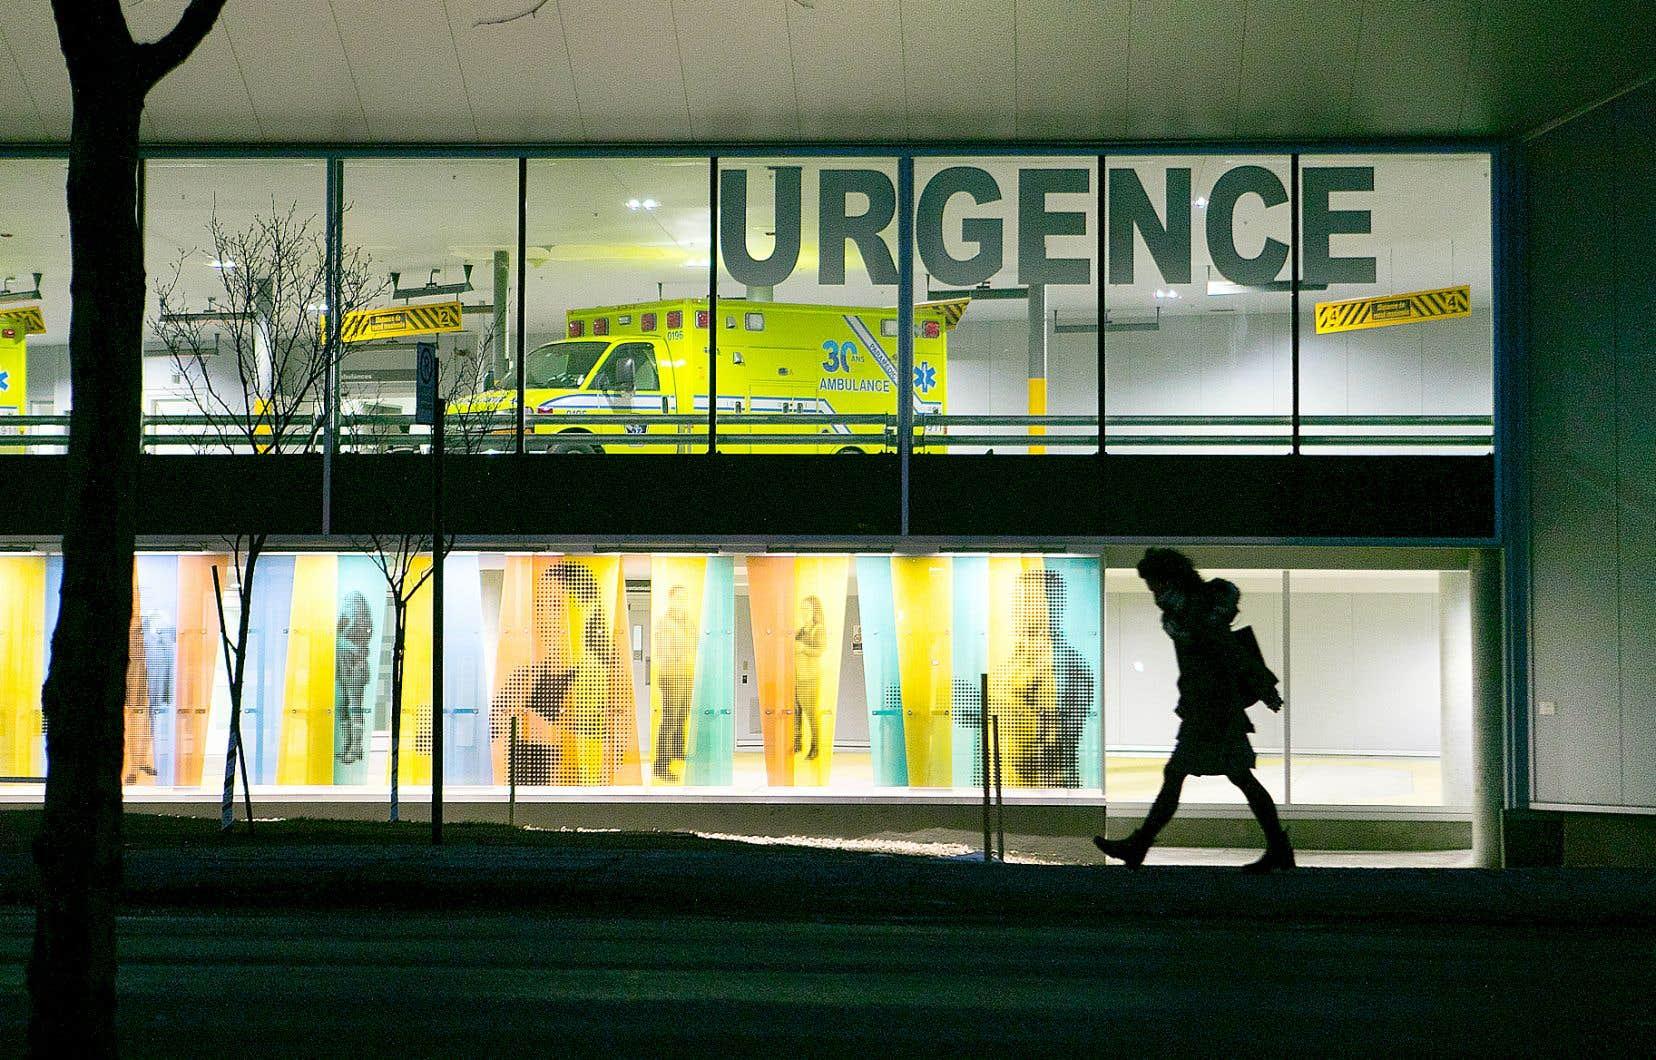 Au Québec, il n'y aurait pas suffisamment de médecins pour calquer l'exemple français, estime la Fédération des médecins omnipraticiens du Québec.